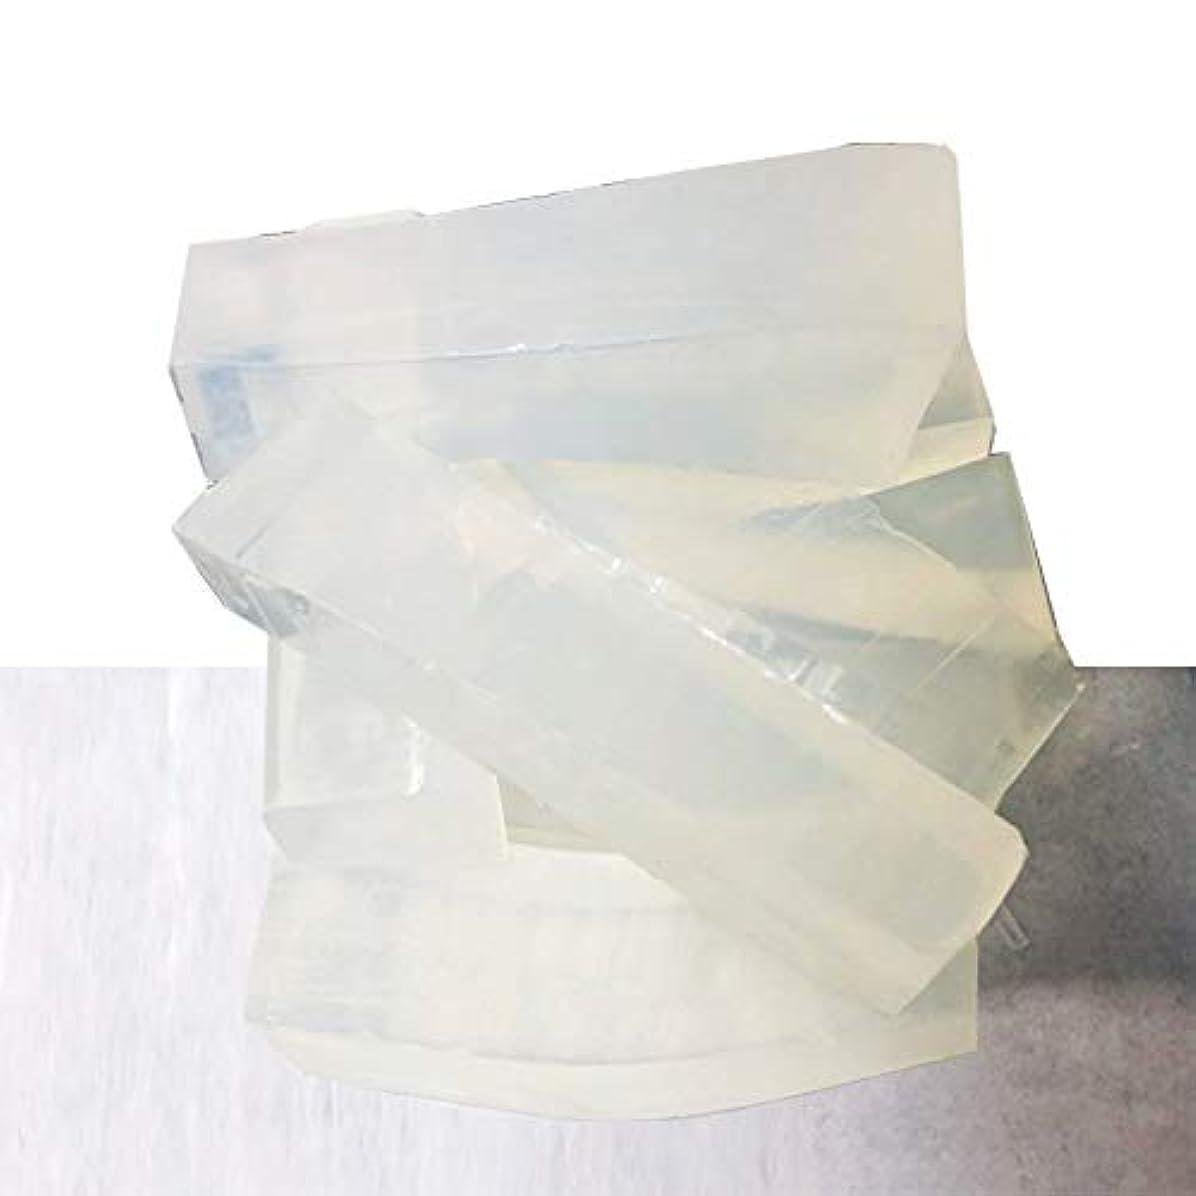 ダルセットパステル精度グリセリンソープ(MPソープ)2kg(2,000g)クリア